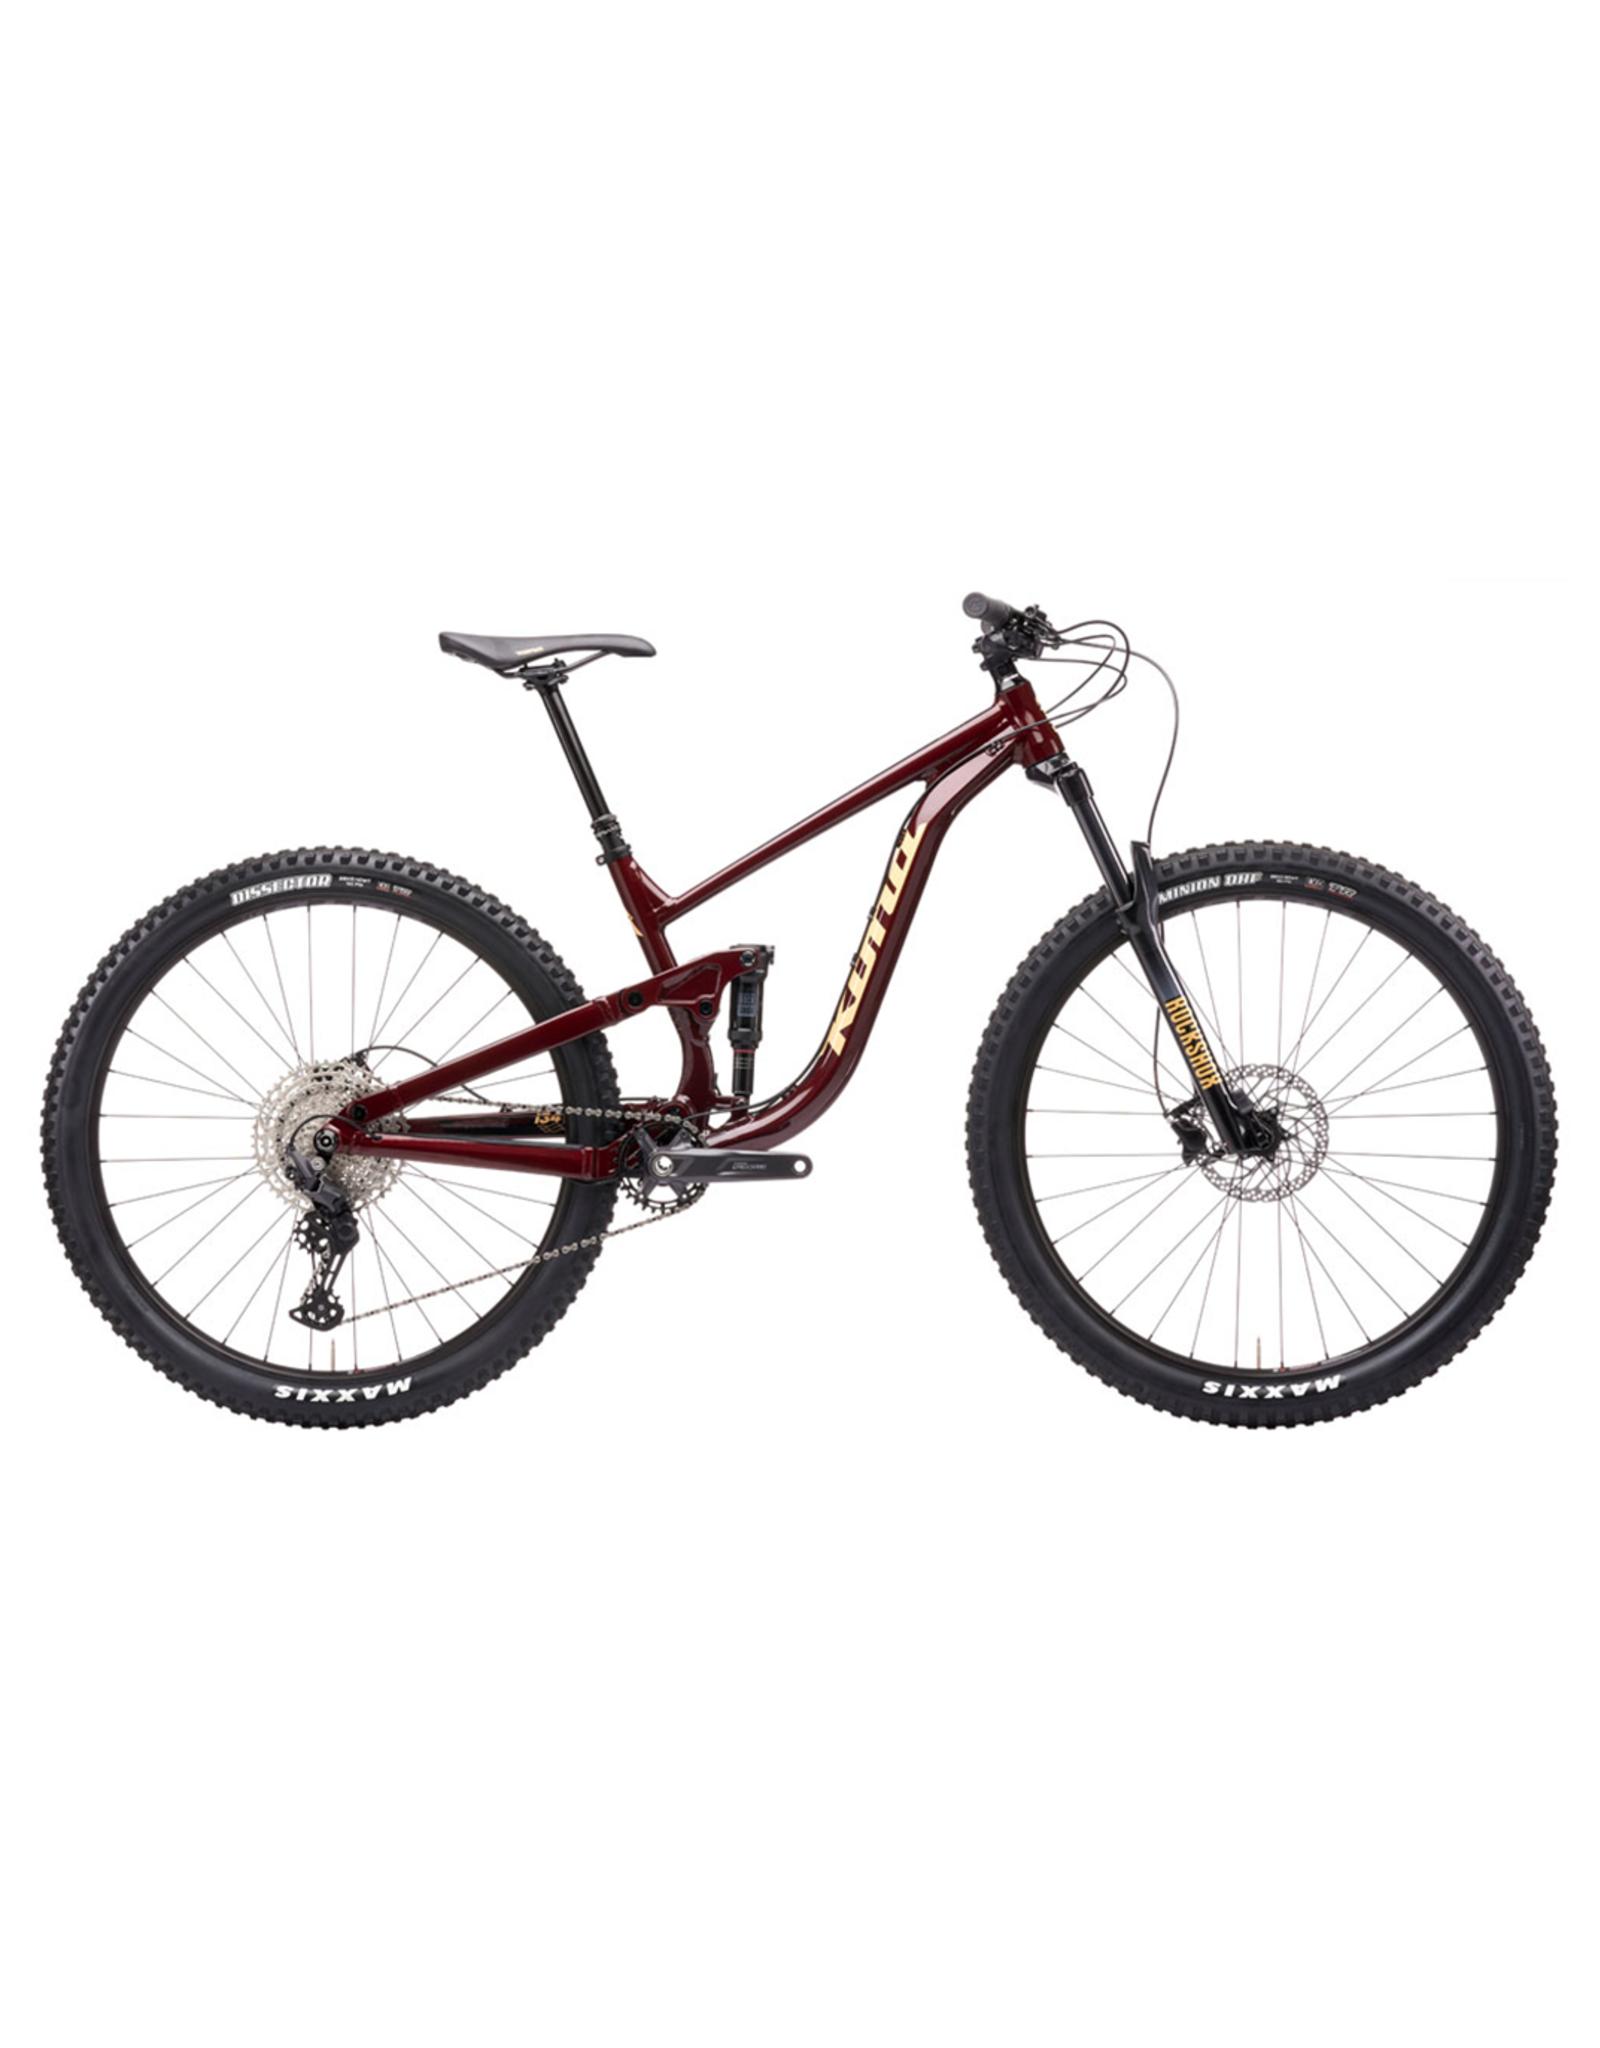 KONA Kona Process 134 Complete Bike